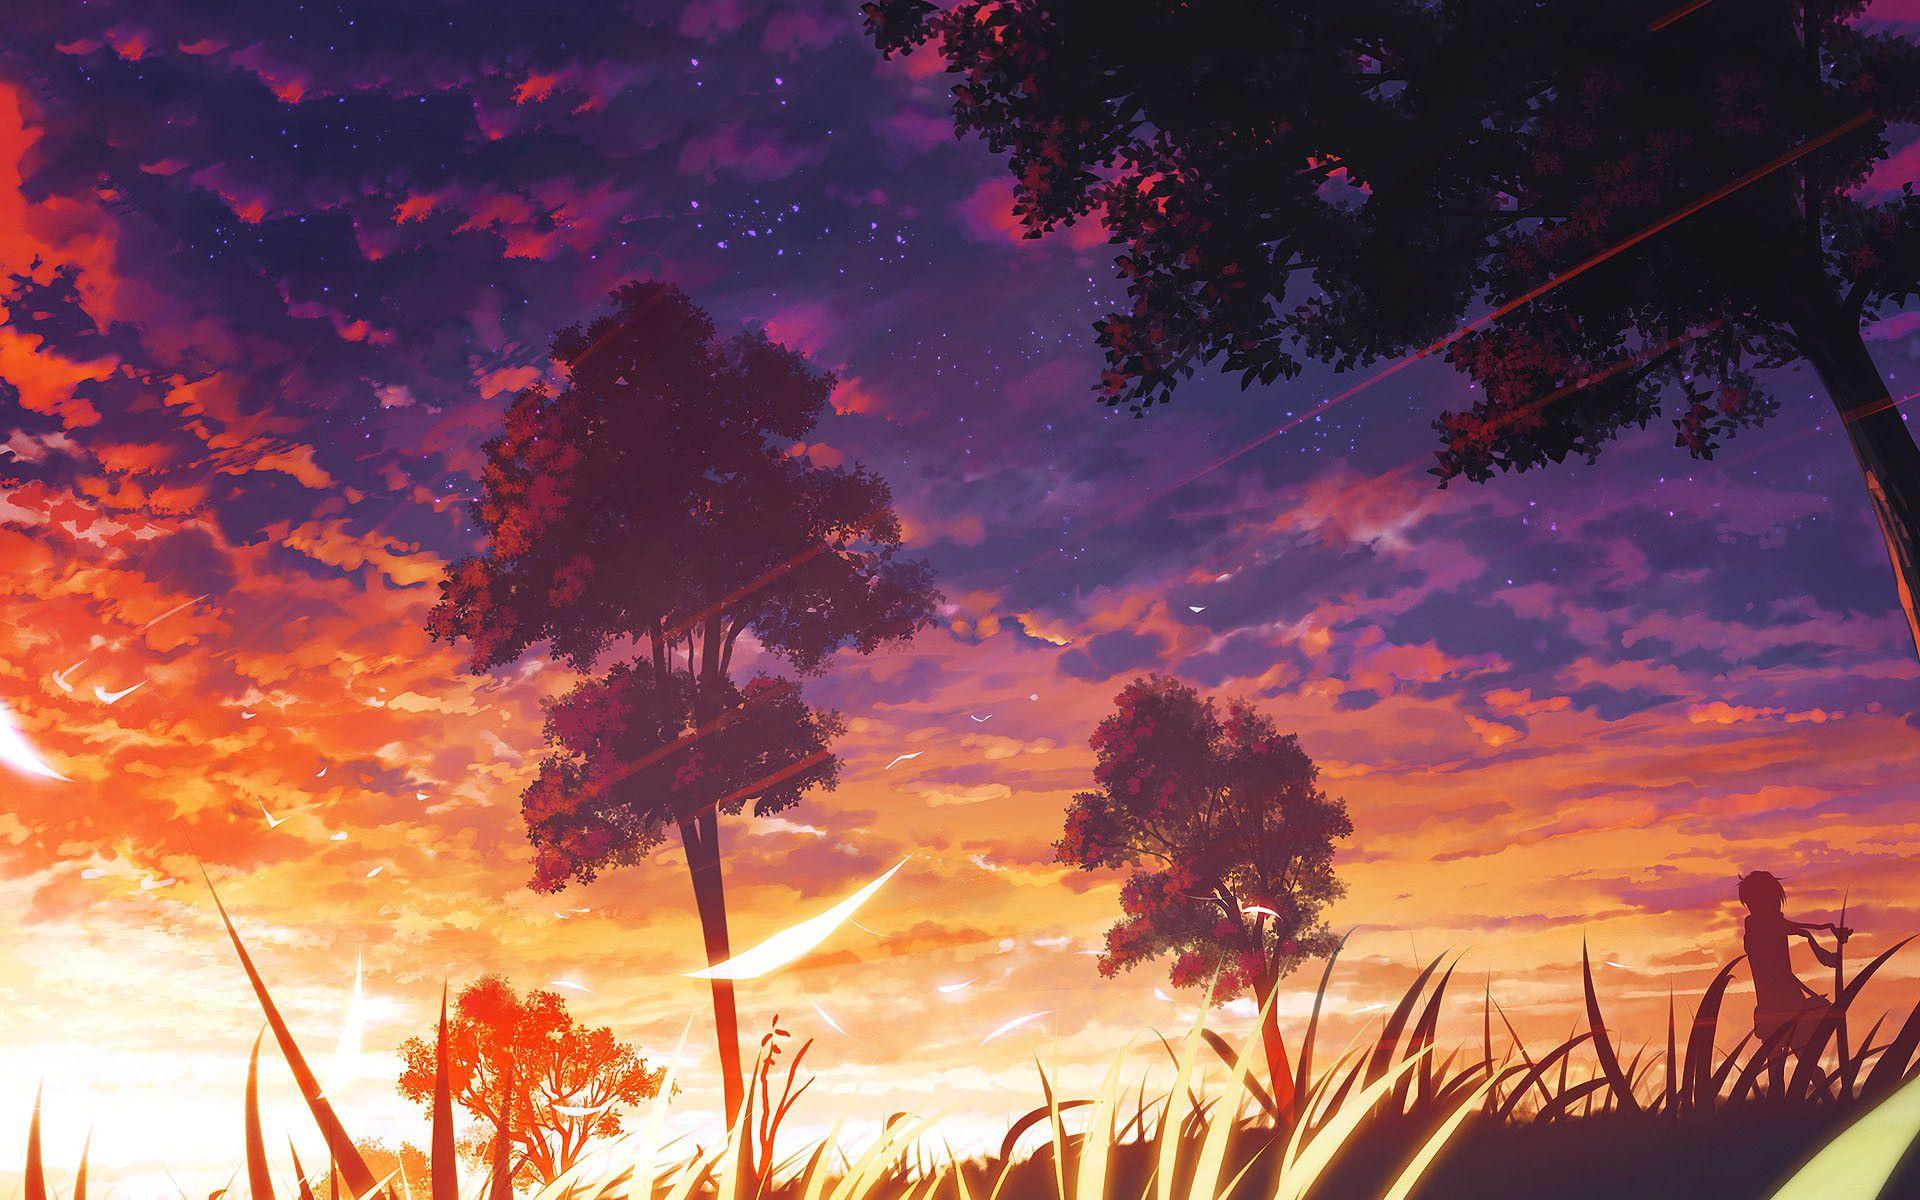 Anime Summer Sunset Images Phong Cảnh Tạo Cảnh Quan Anime